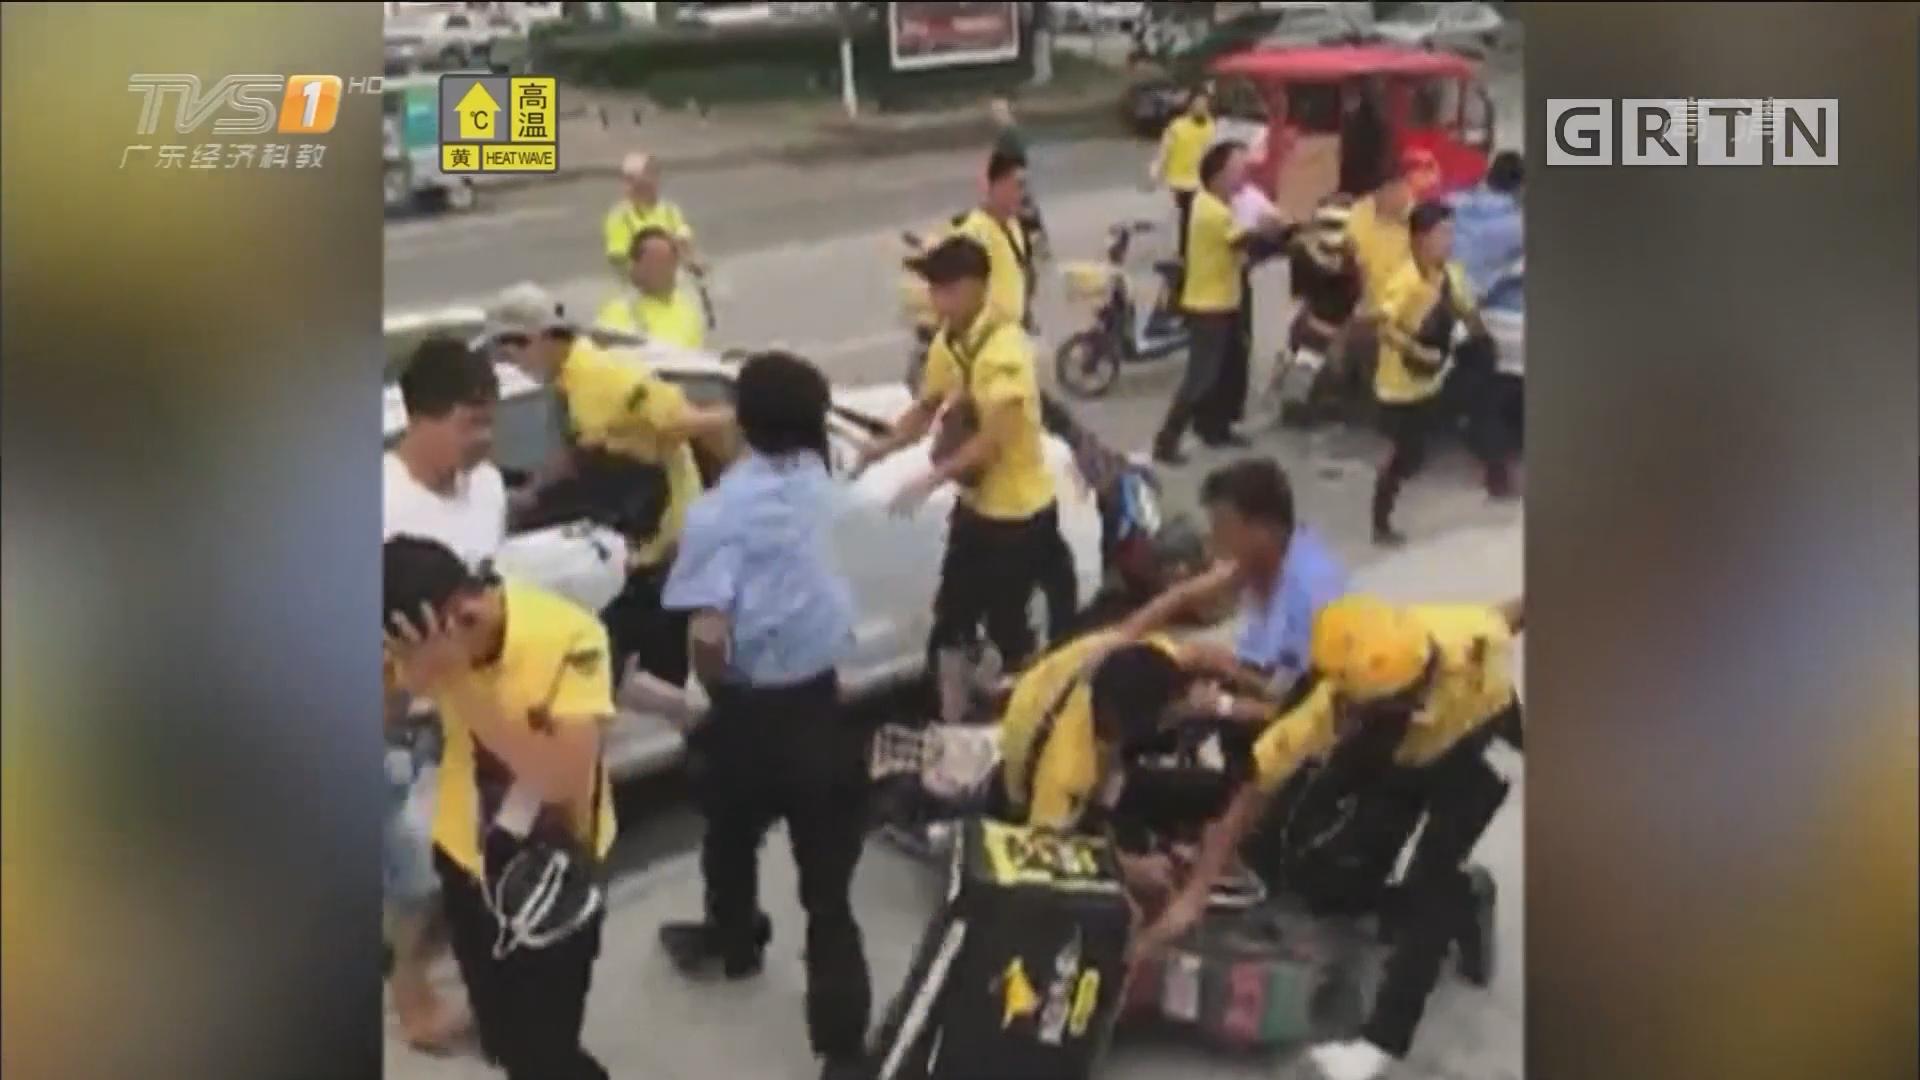 北京:送餐员与保安群殴 只因送餐车被锁